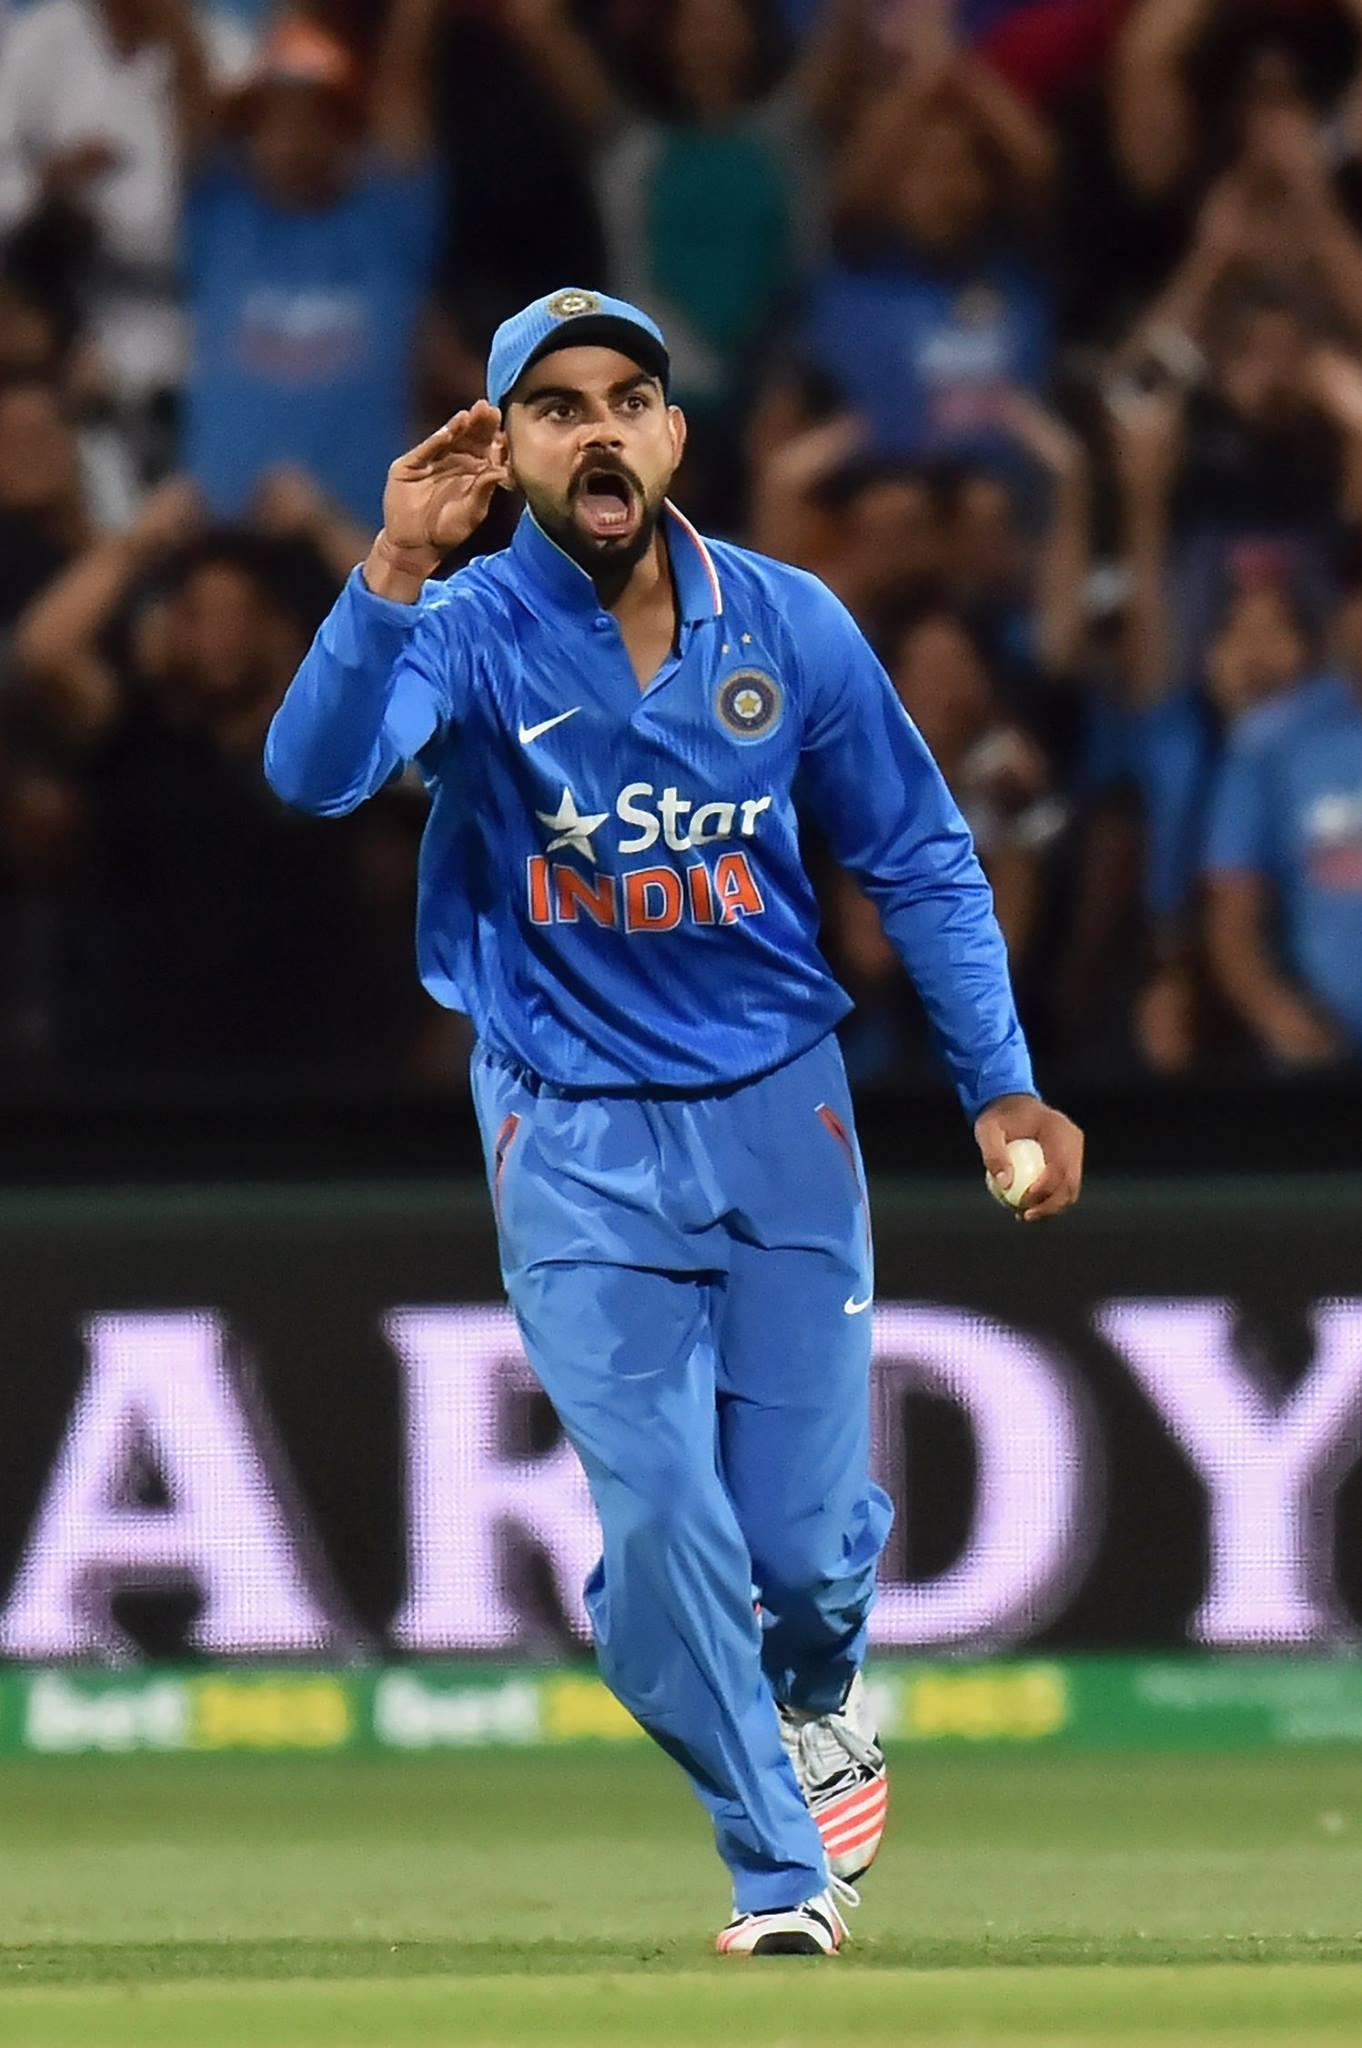 پہلے ٹی -20 میچ میں ٹیم انڈیا نے آسٹریلیا کو 37 رنز سے شکست دی